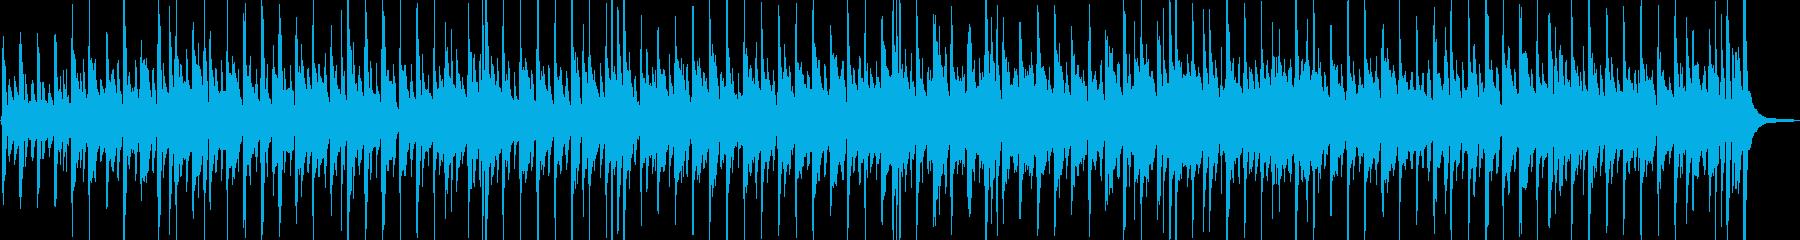 少しだけの勇気を感じるトランペットBGMの再生済みの波形